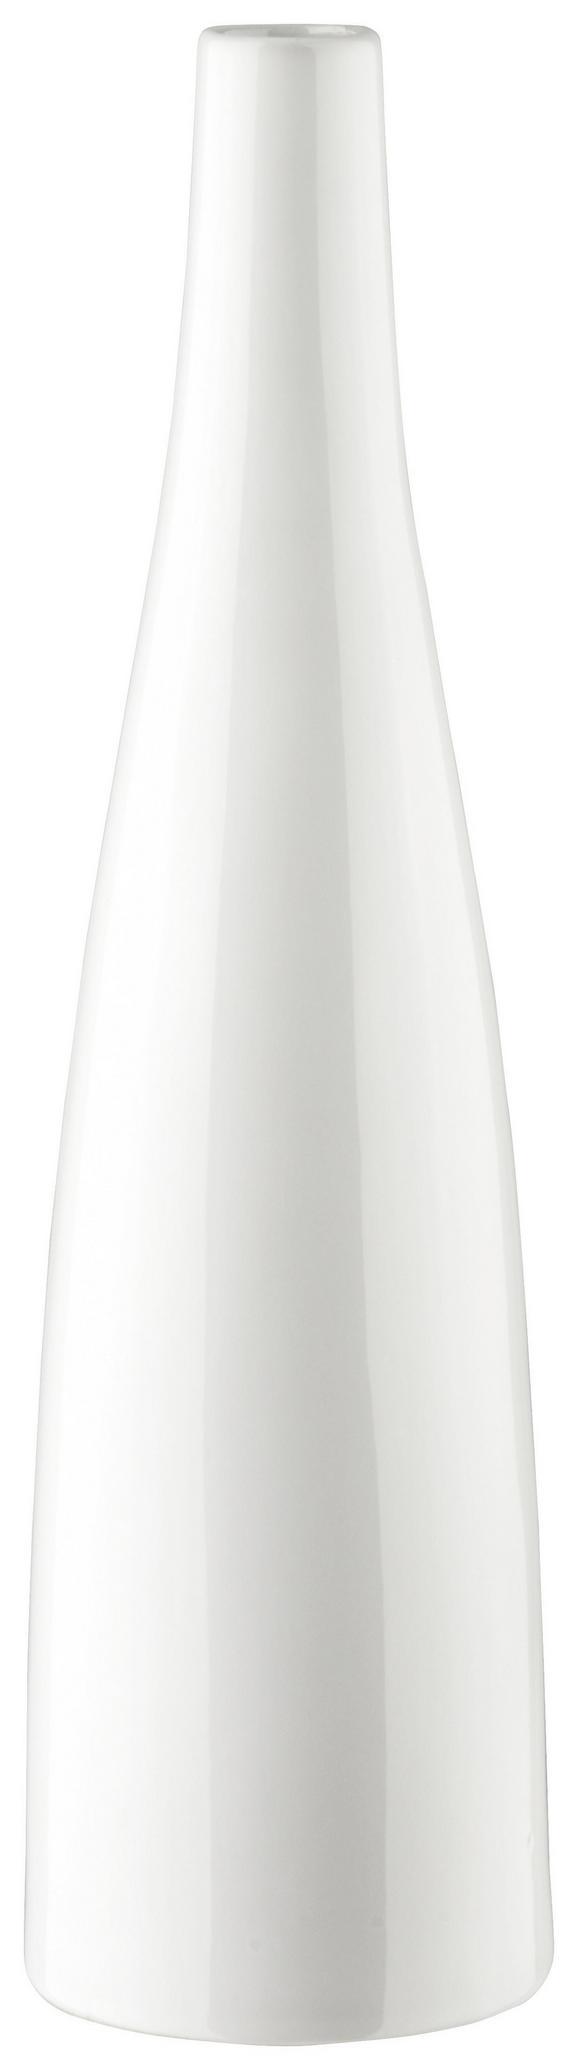 Vase Plancio in Weiß aus Keramik - Weiß, MODERN, Keramik (39.6cm) - MÖMAX modern living